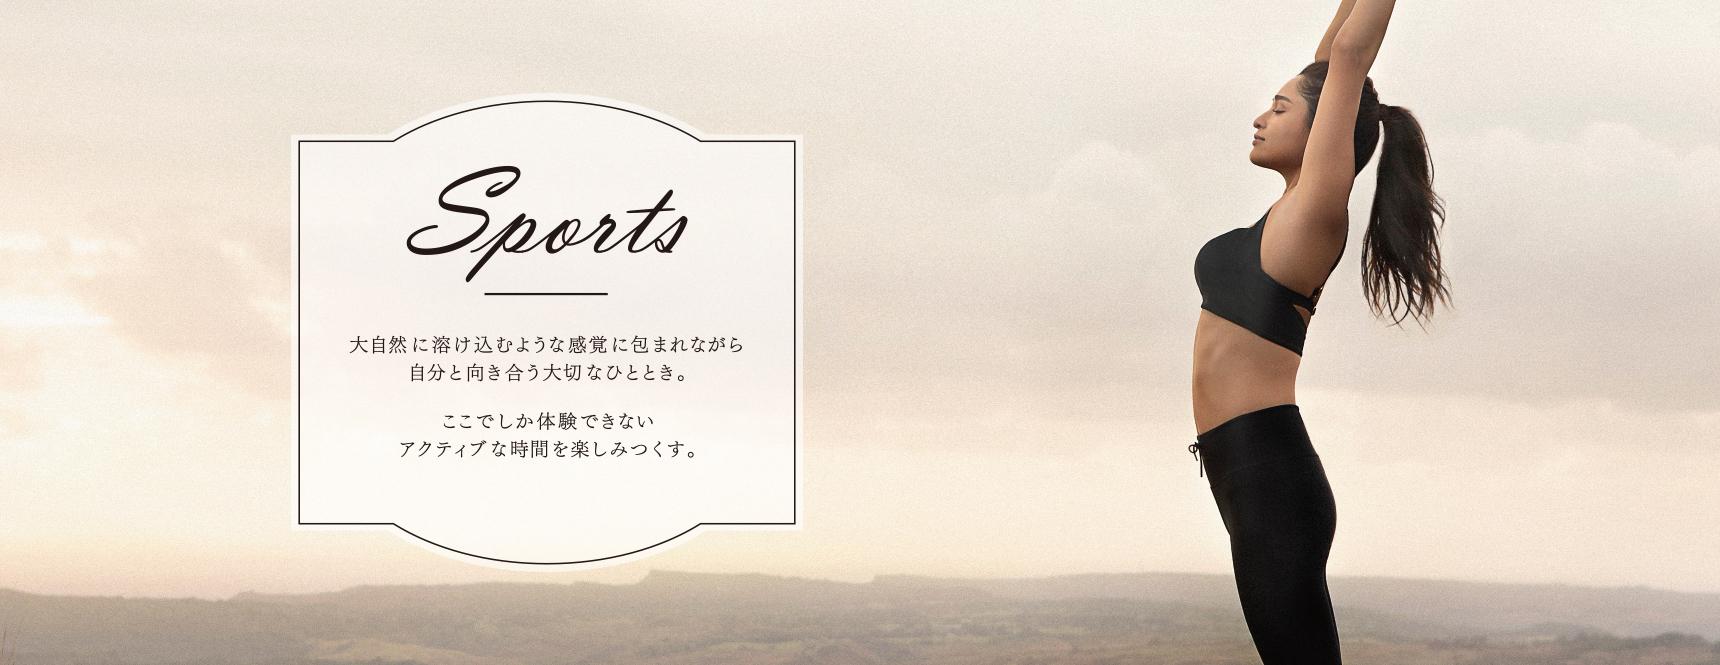 San-ai Resort|Sports